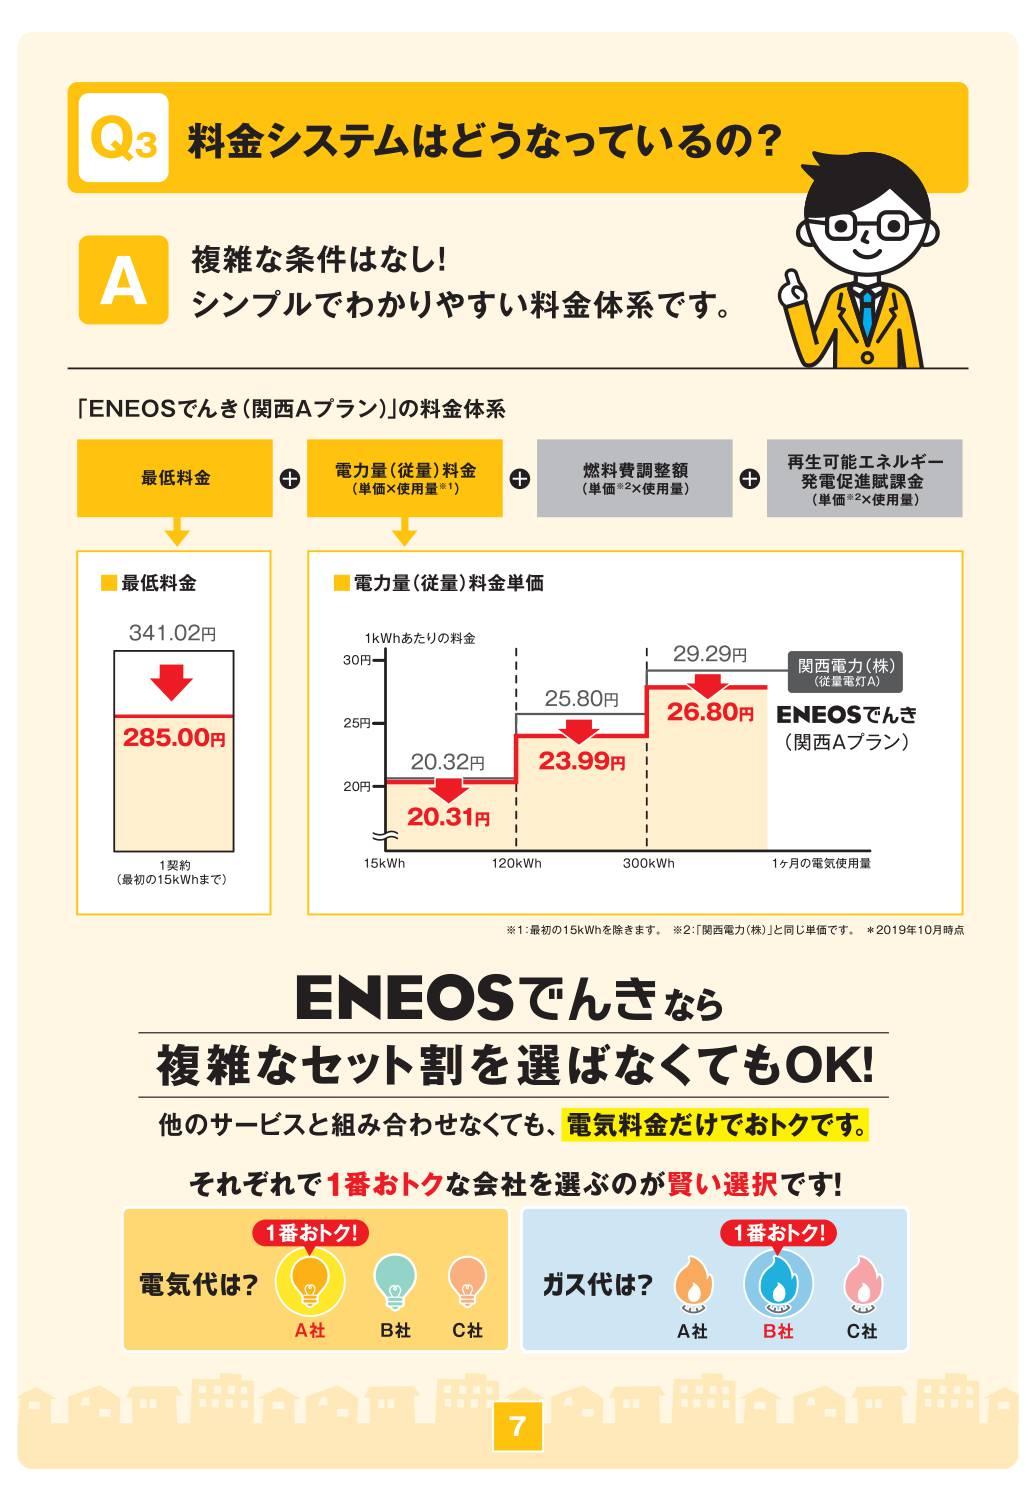 「ENEOSでんき」料金システムはどうなっているの